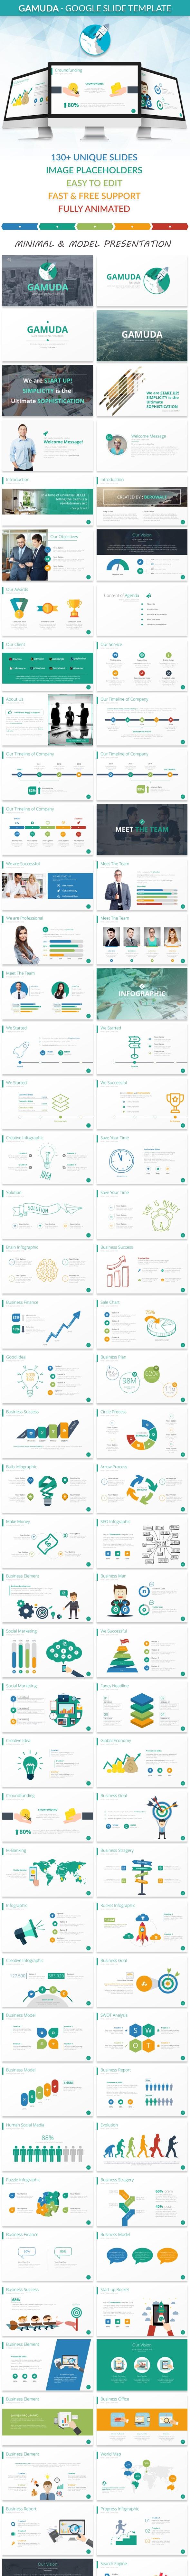 Gamuda Google Slide Template - Google Slides Presentation Templates